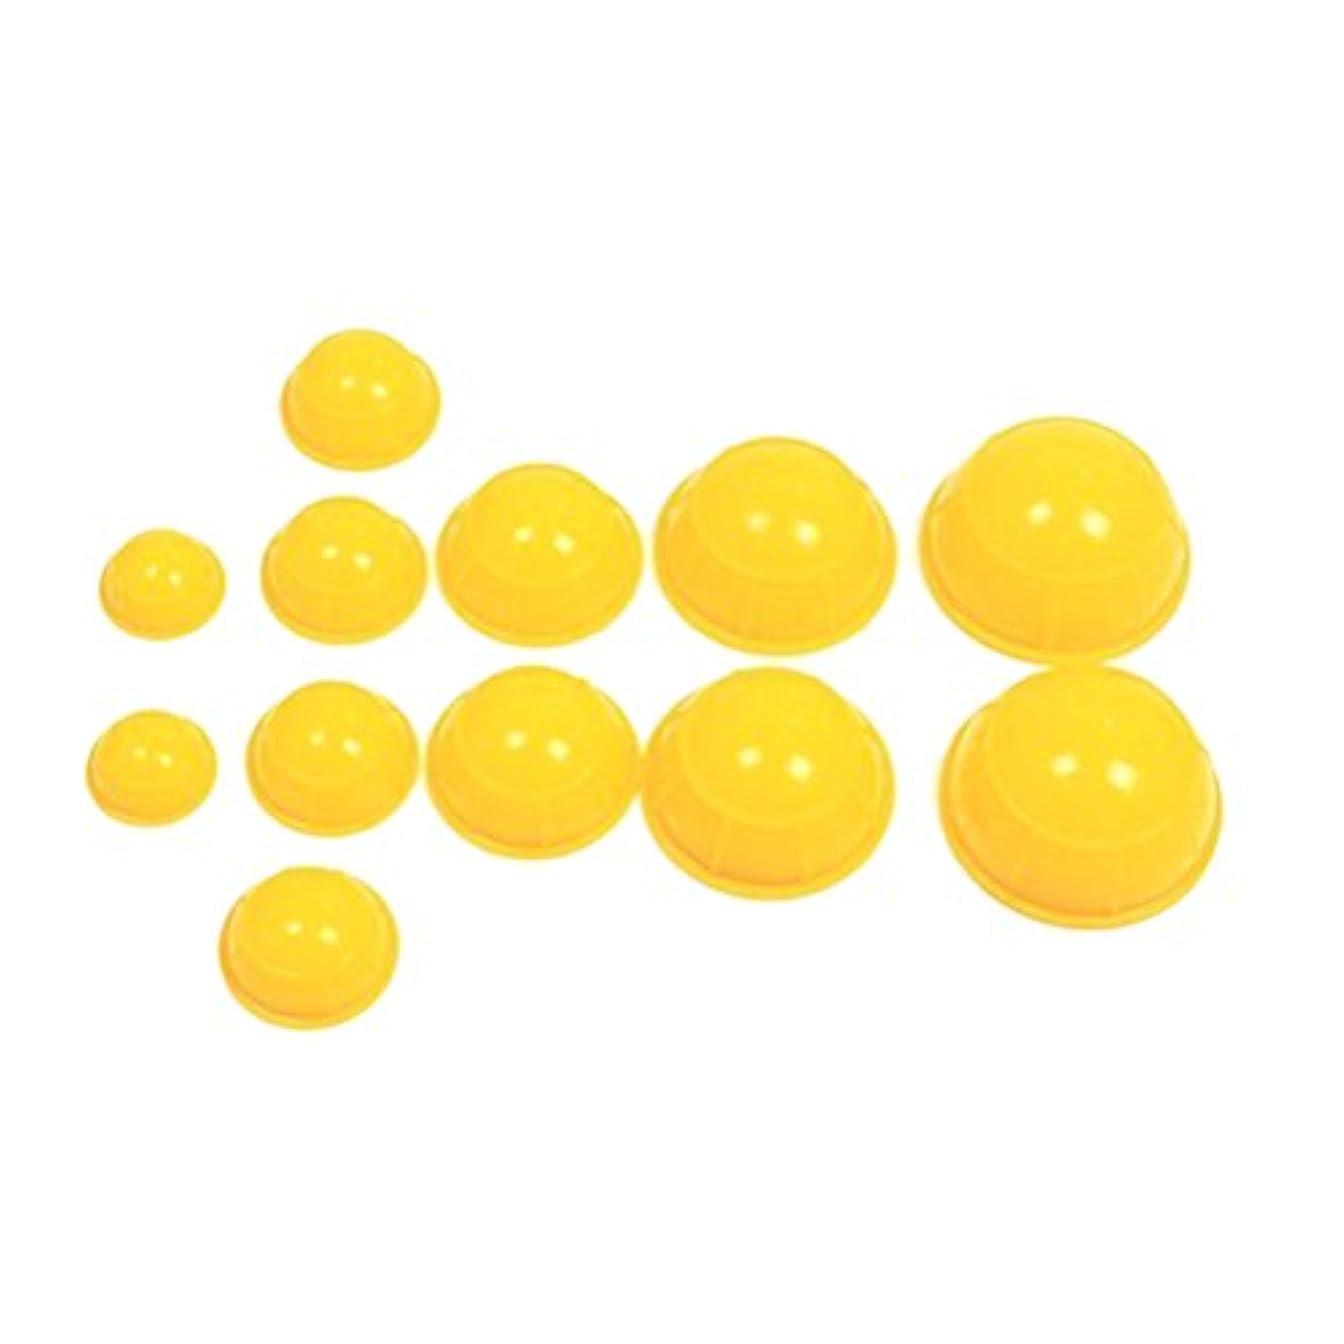 強調旋回ネコROSENICE シリコーンマッサージカッピングカップセットボディフェイシャルセラピーカッピングカップ12個(イエロー)